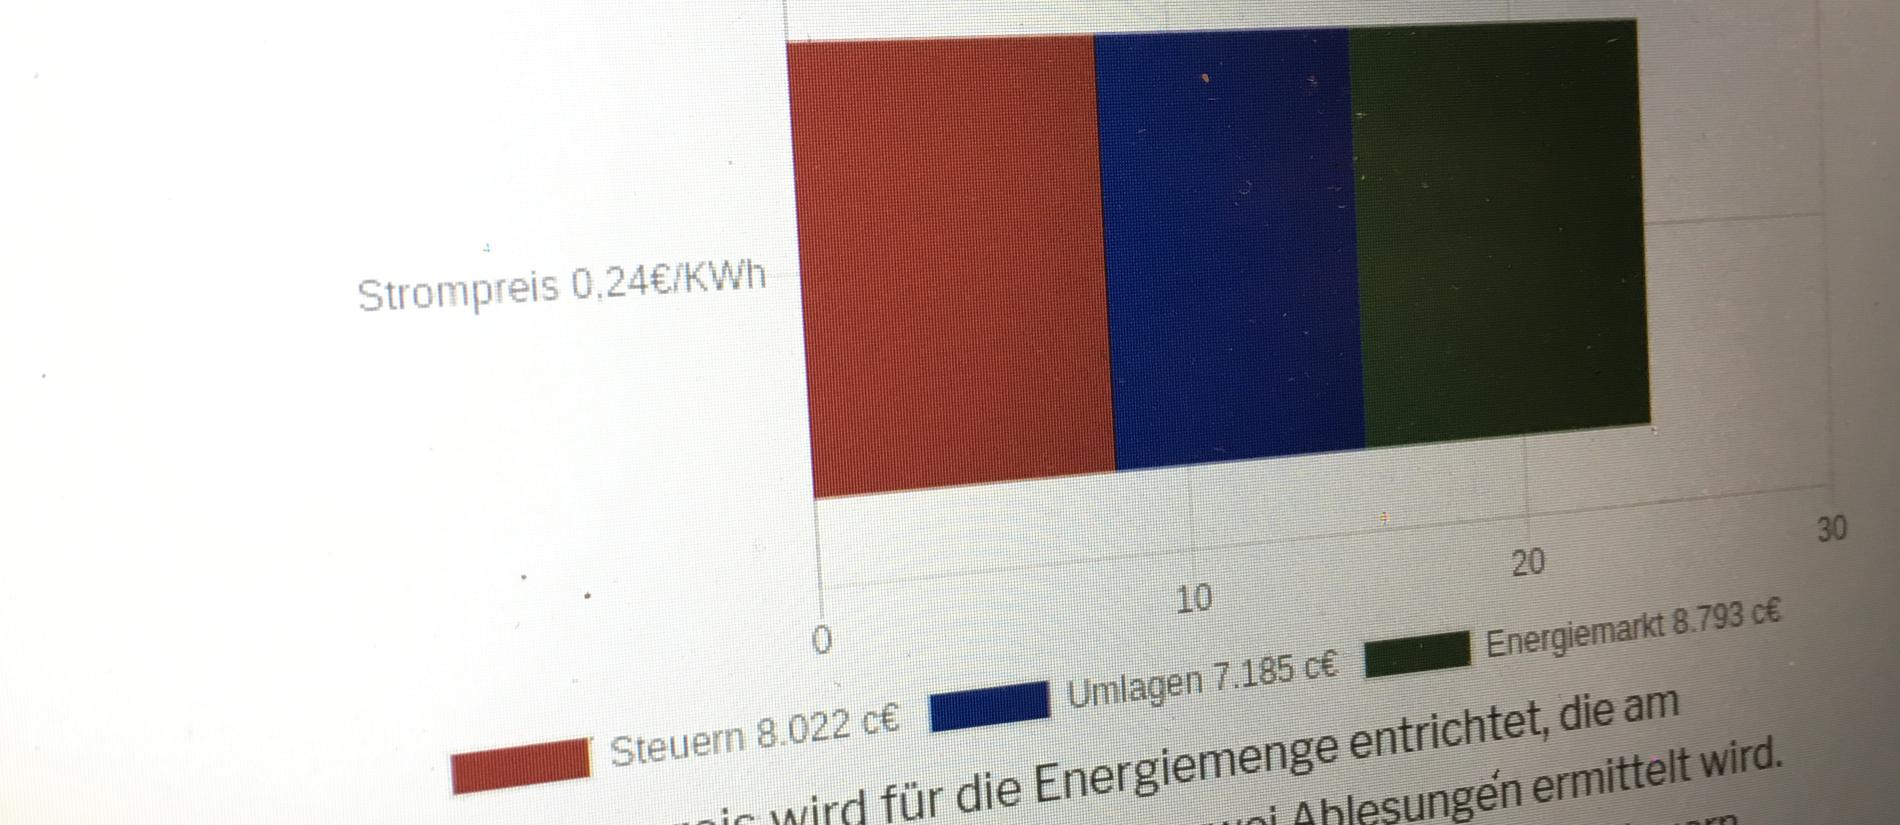 Strompreis: Das Drittel mit dem der Energiemarkt arbeitet 1